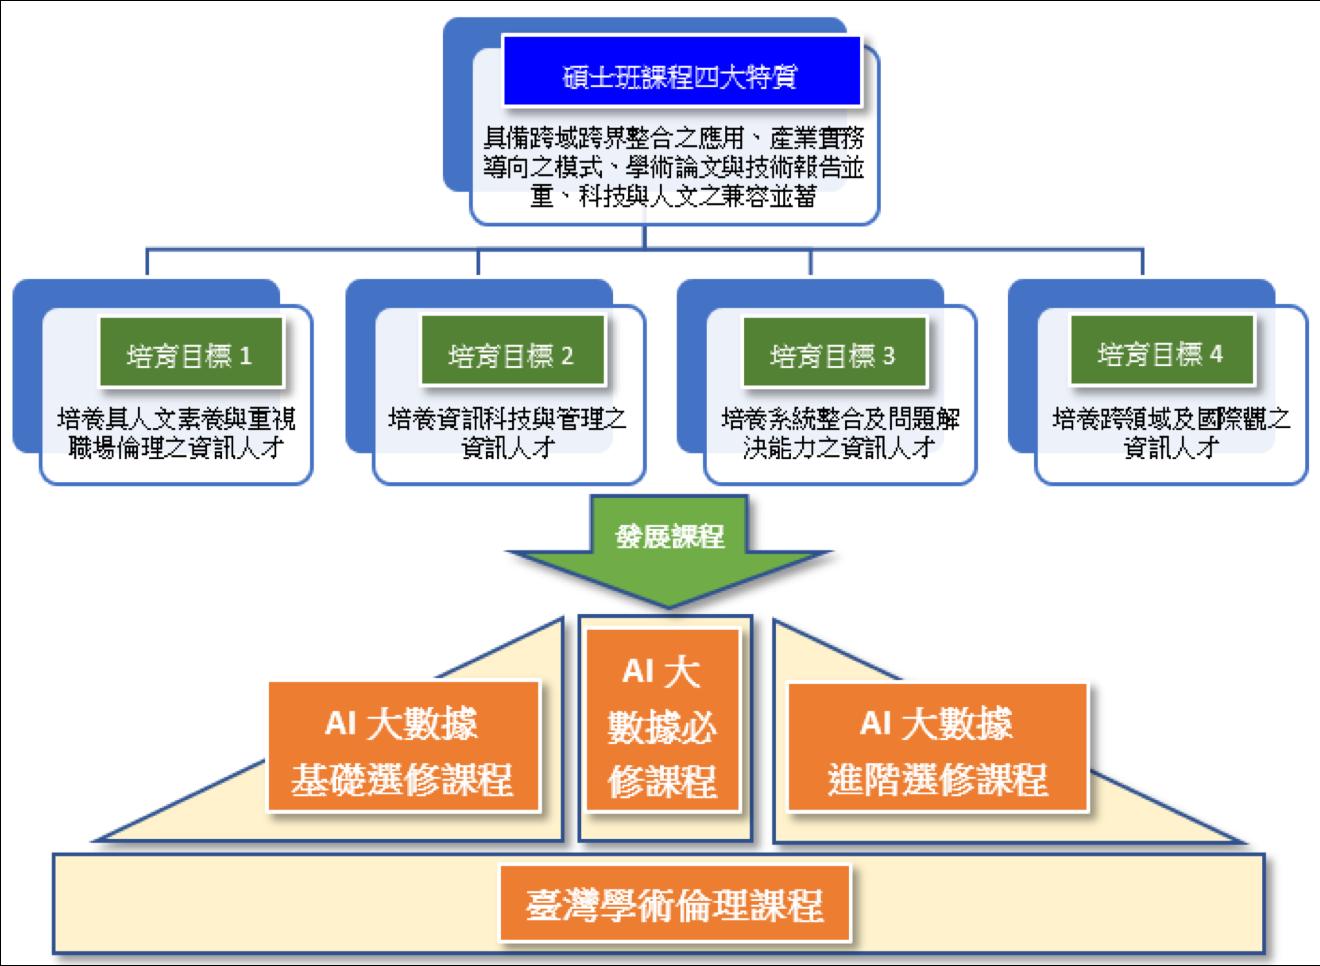 課程發展縱橫規劃架構